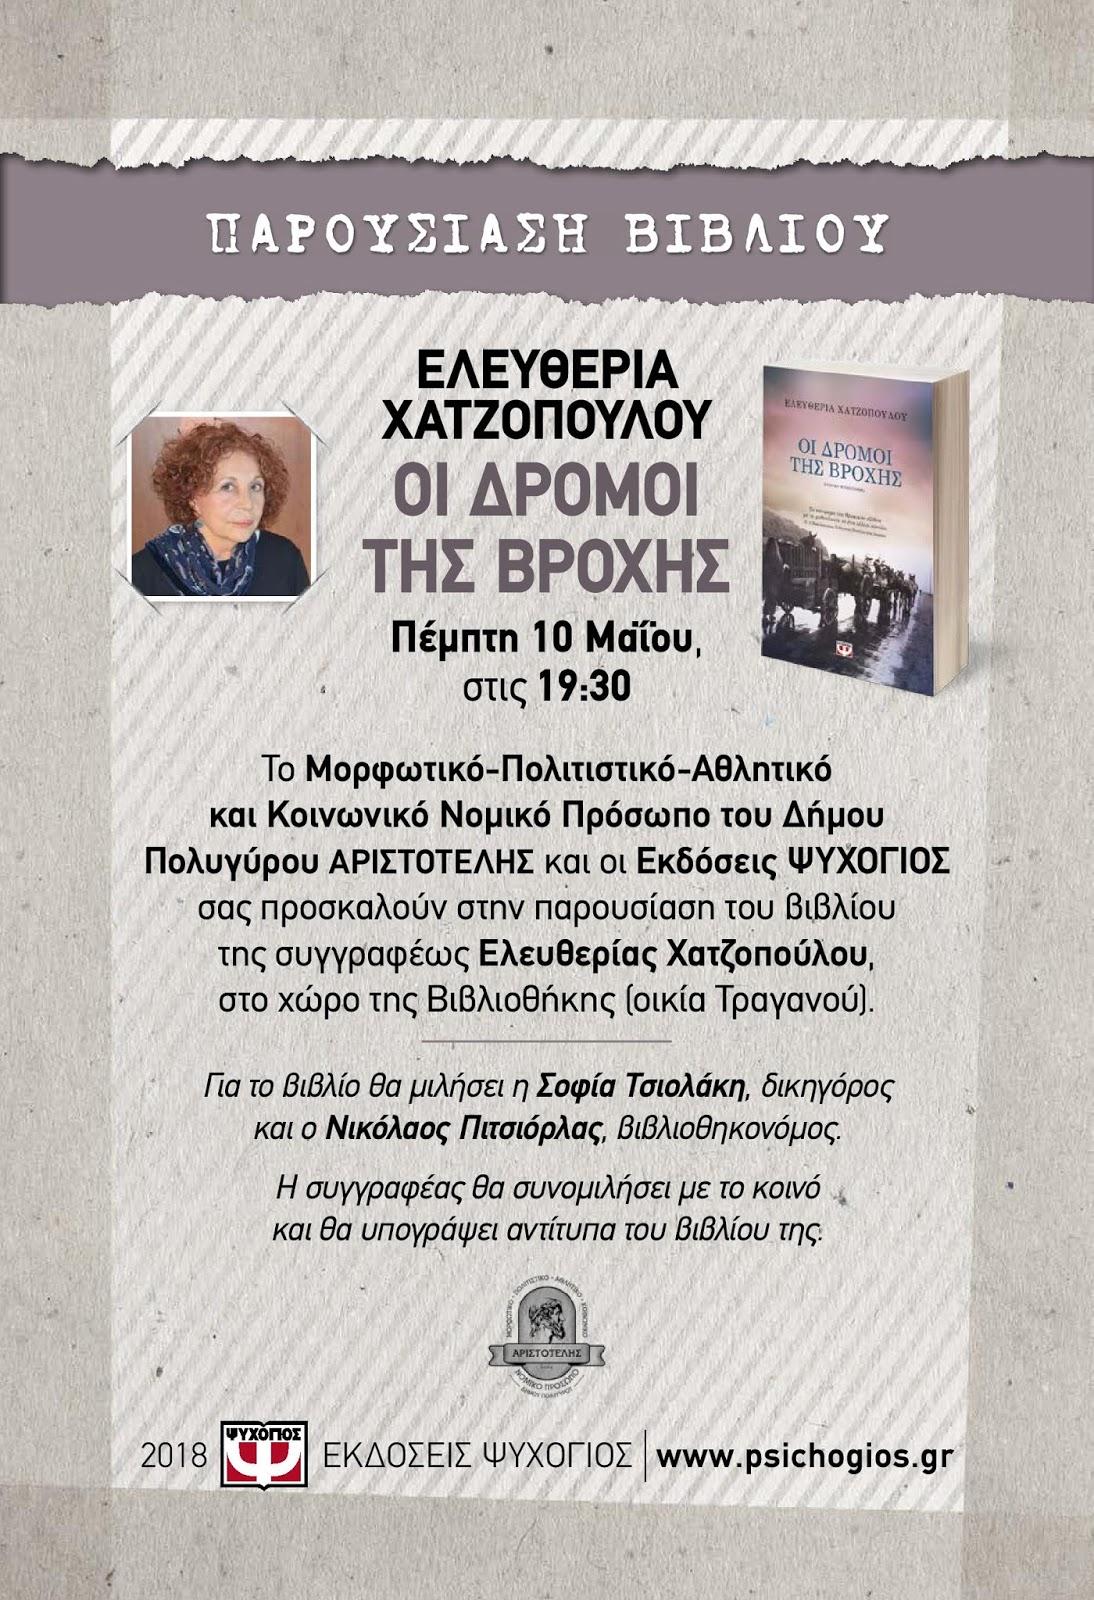 Παρουσίαση του βιβλίου της Ελευθερίας Χατζοπούλου    ΟΙ ΔΡΟΜΟΙ ΤΗΣ ΒΡΟΧΗΣ